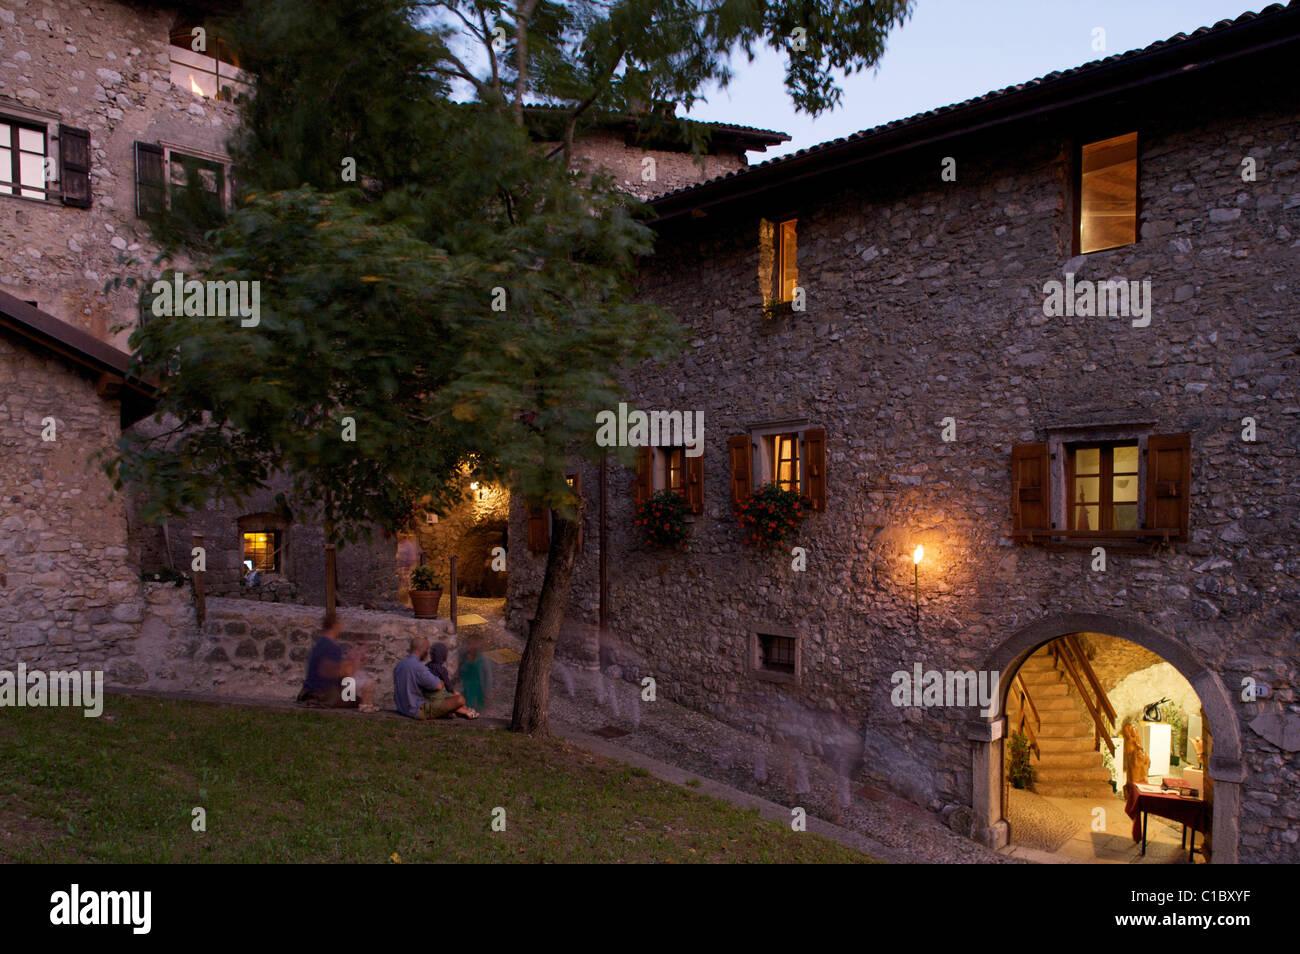 Rustico medioevo a Canale di Tenno show, Canale di Tenno village, Trentino Alto Adige, Italy, Europe - Stock Image